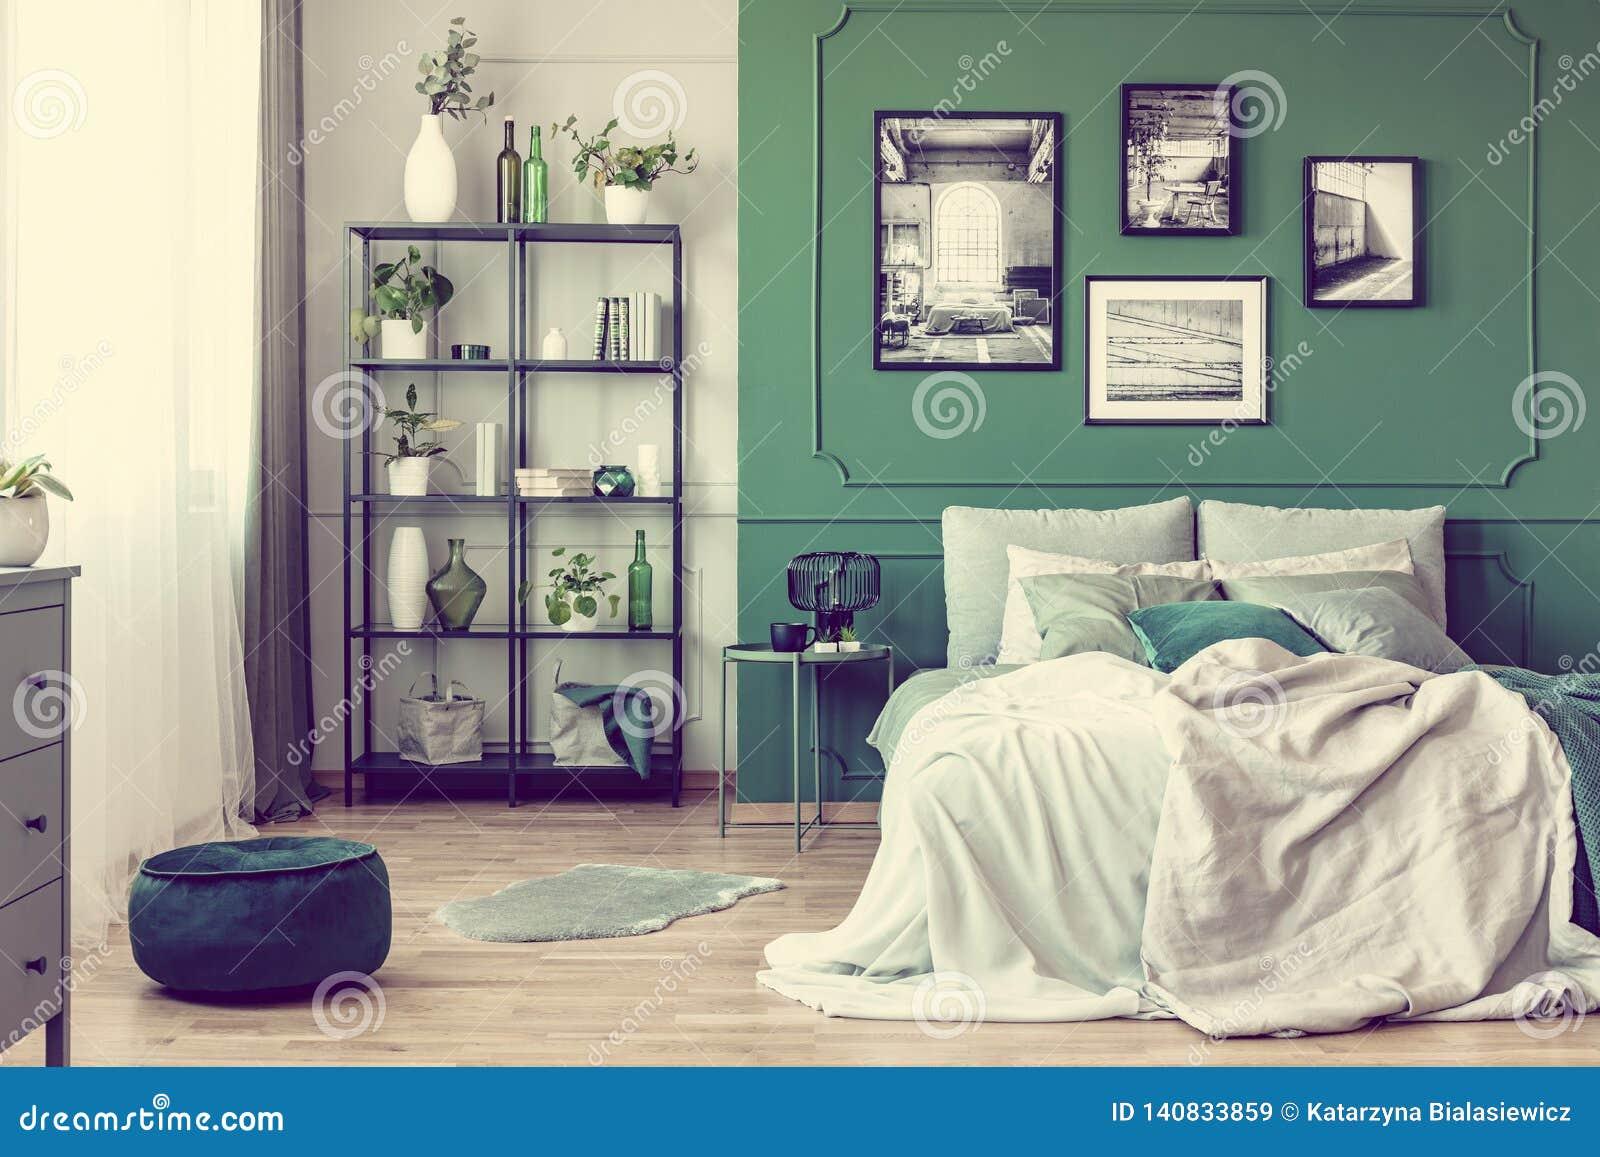 Галерея черно-белого плаката на зеленой стене за королевской кроватью с подушками и одеялом